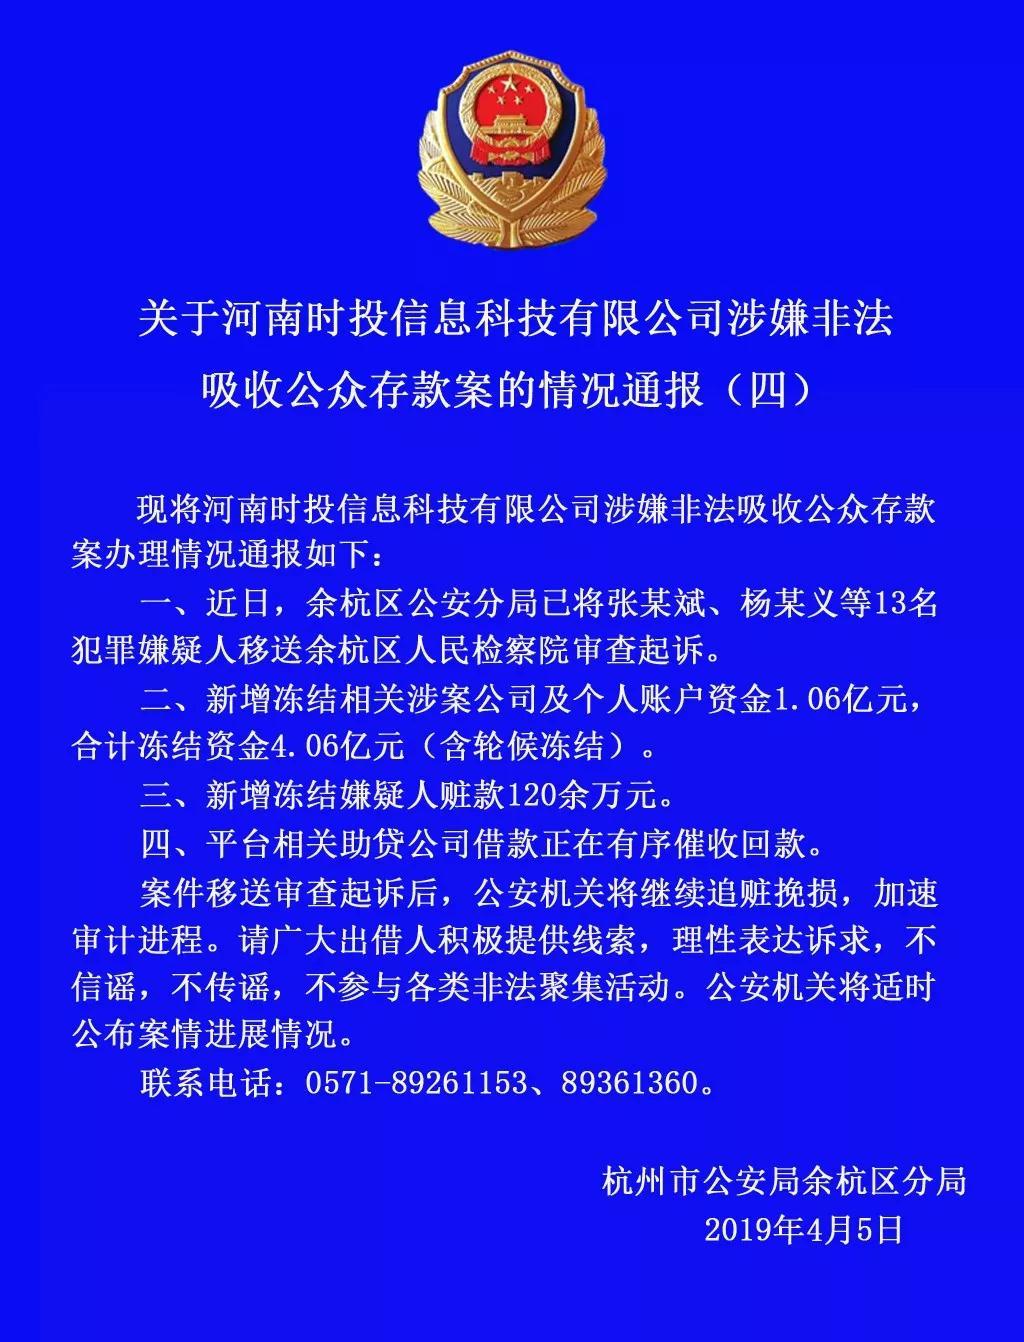 石头理财案新进展:13人被检方起诉 合计冻结资金4.06亿元1